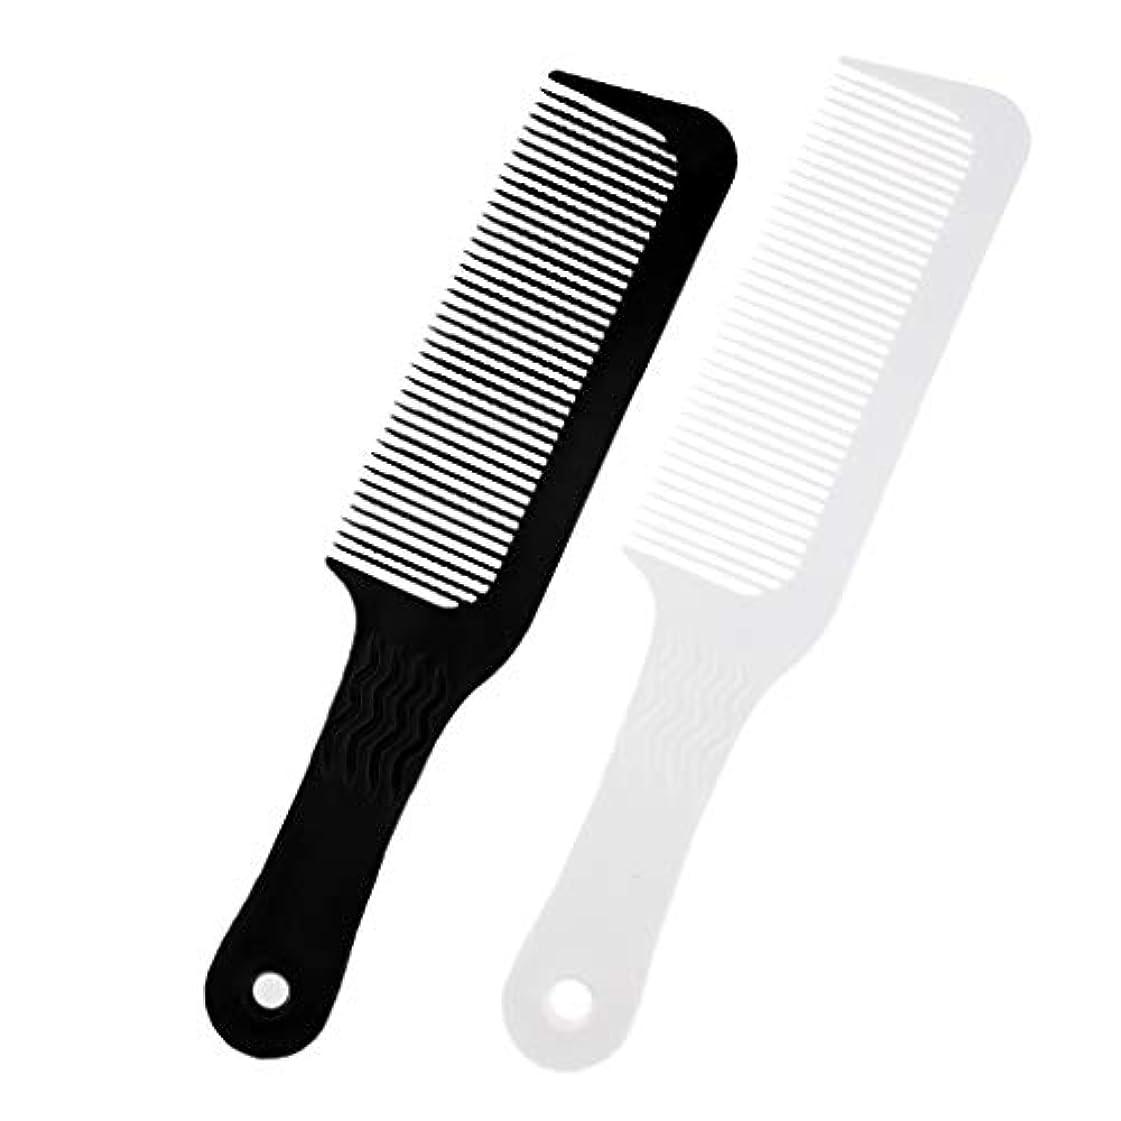 取得ワイド貸すToygogo プロ3ピース理髪サロンフラットトップクリッパーくし美容師スタイリング切削デタングルブラシツール